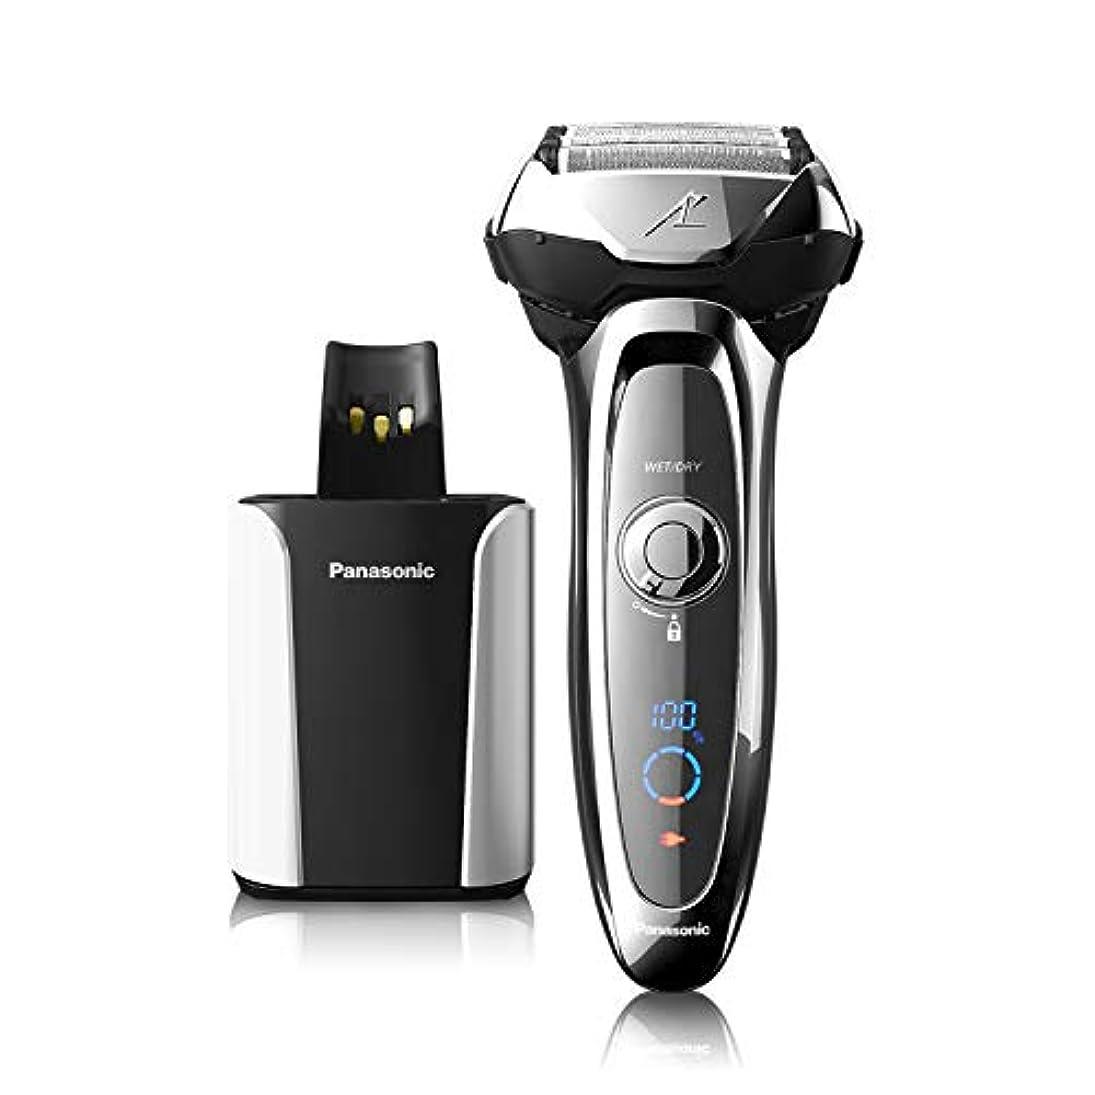 クラウドラッドヤードキップリング尋ねるPanasonic ES-LV95-S Arc5 Wet/Dry Shaver with Cleaning and Charging System(US Version, Imported)